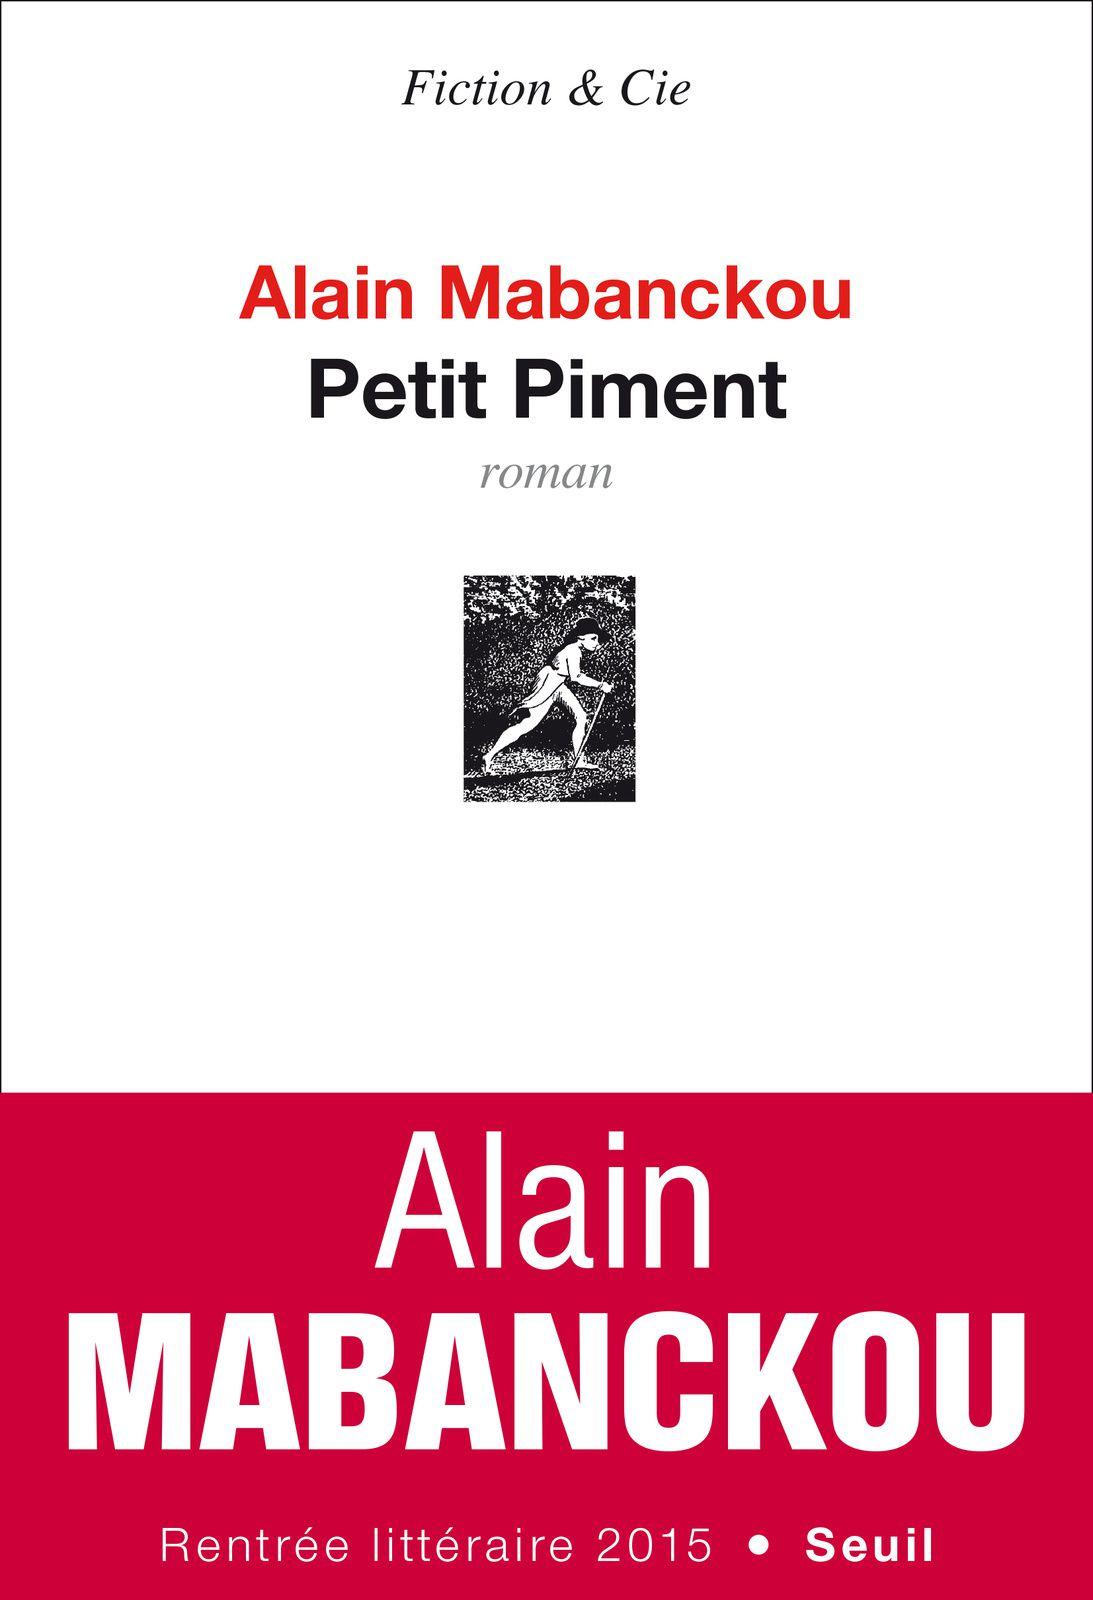 Petit Piment, Alain Mabanckou, éditions du Seuil